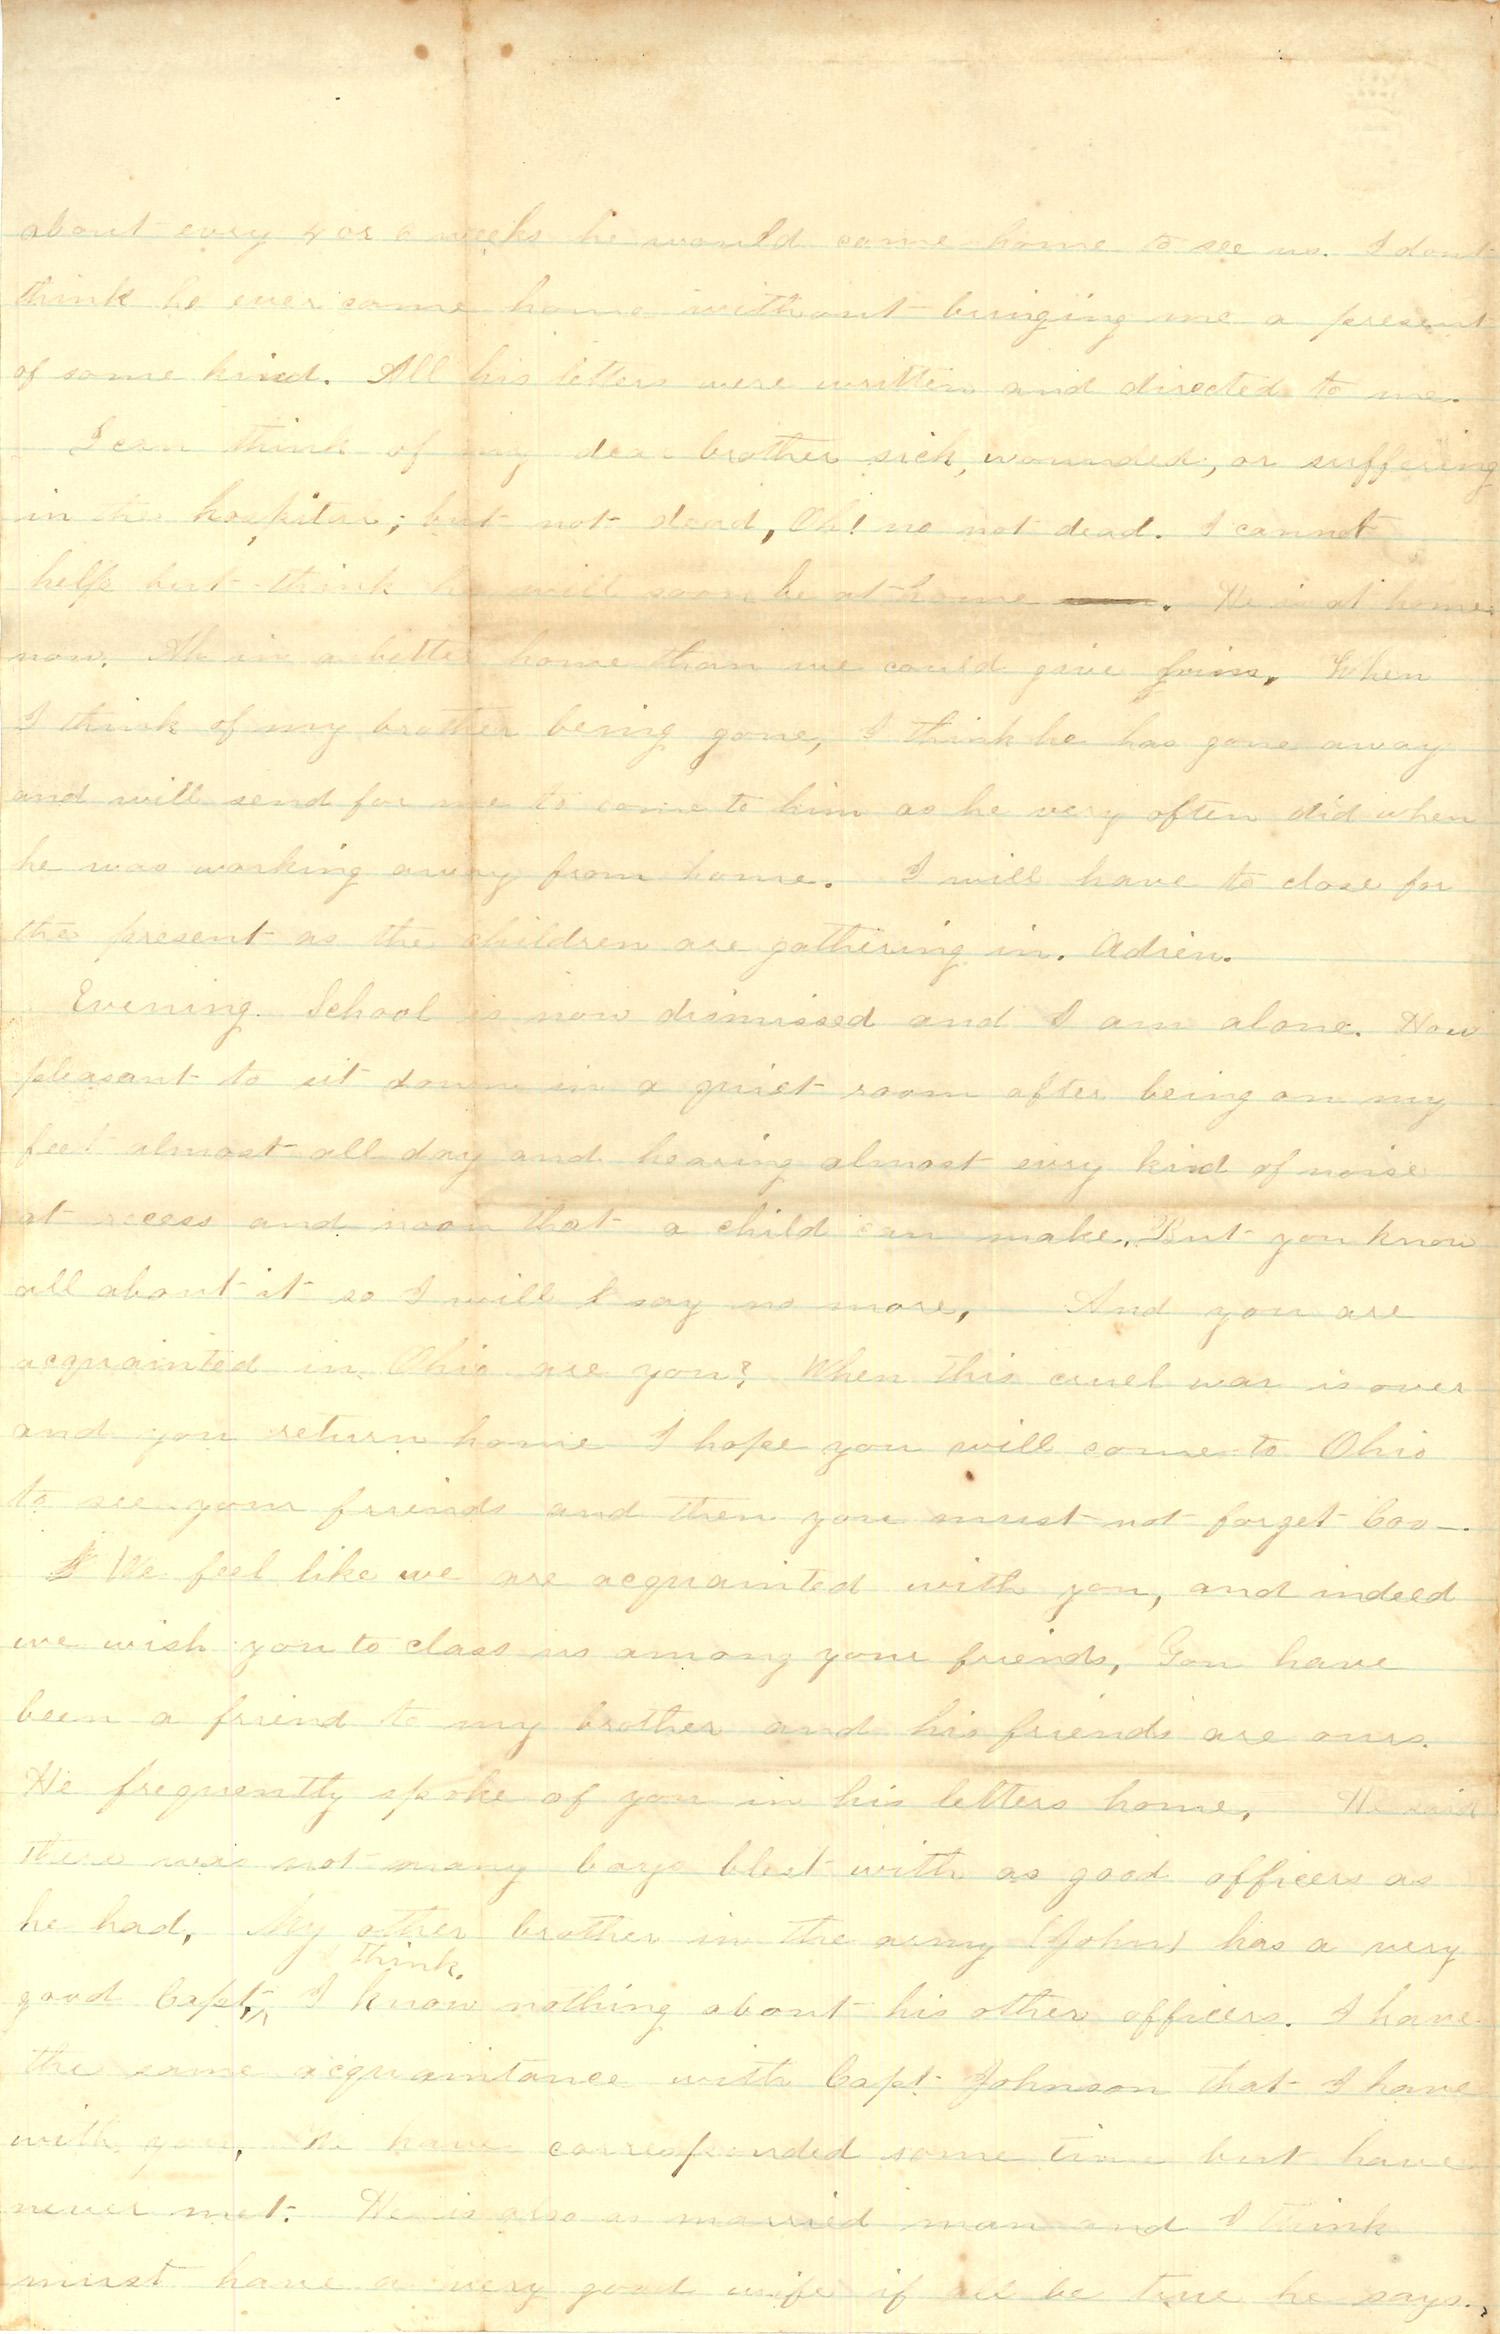 Joseph Culver Letter, April 1, 1864, Page 2